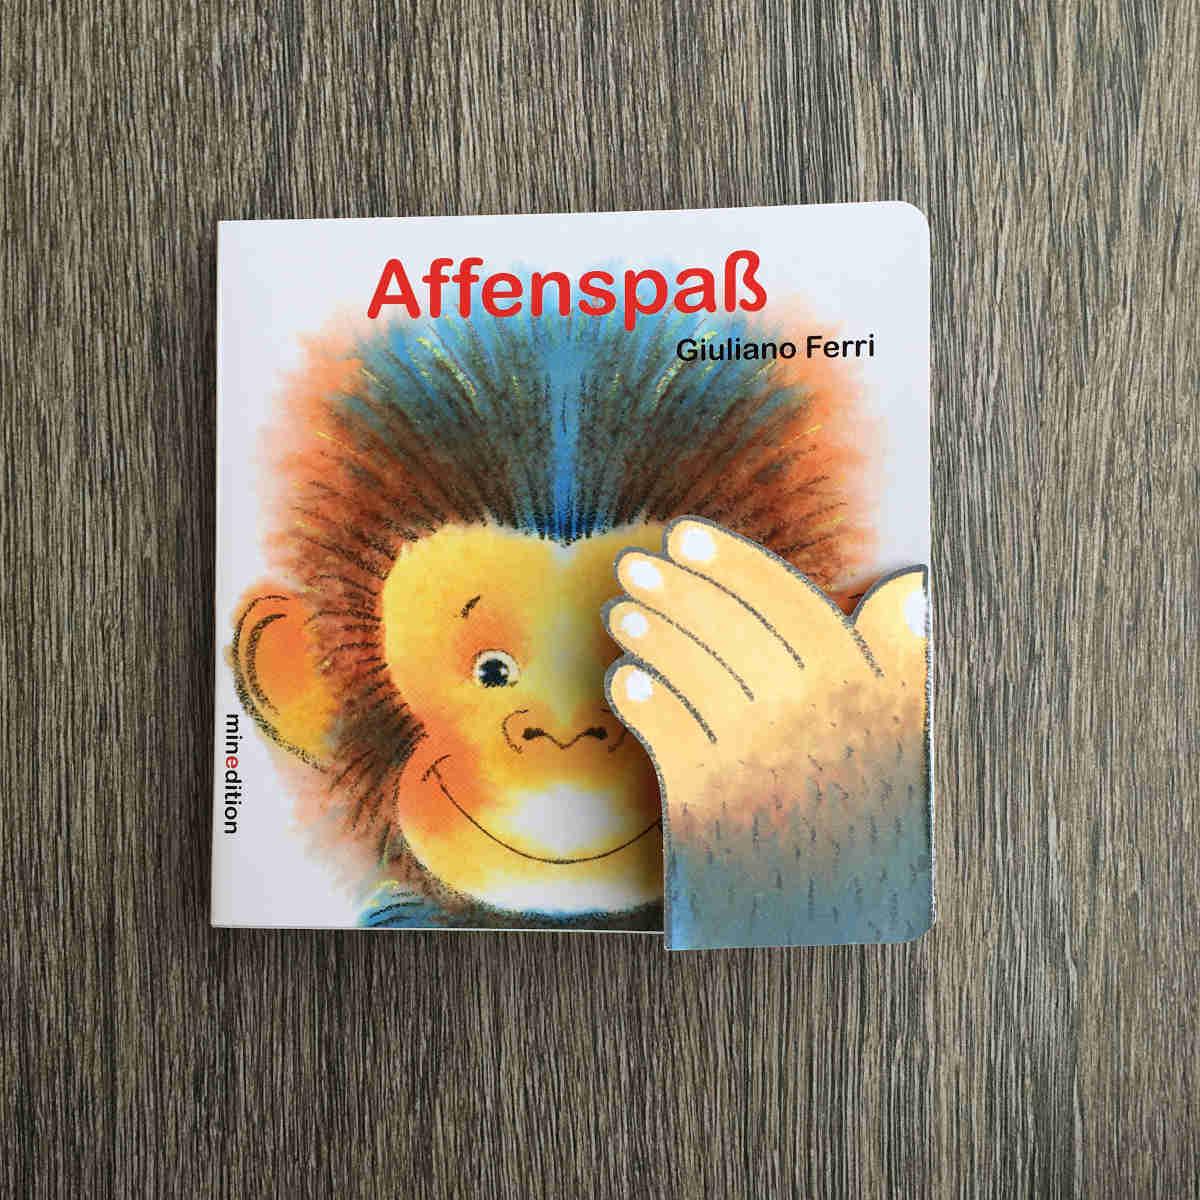 Ein Affenspaß für die Kleinsten: Ein lustiges Pappbilderbuch von Giuliano Ferri